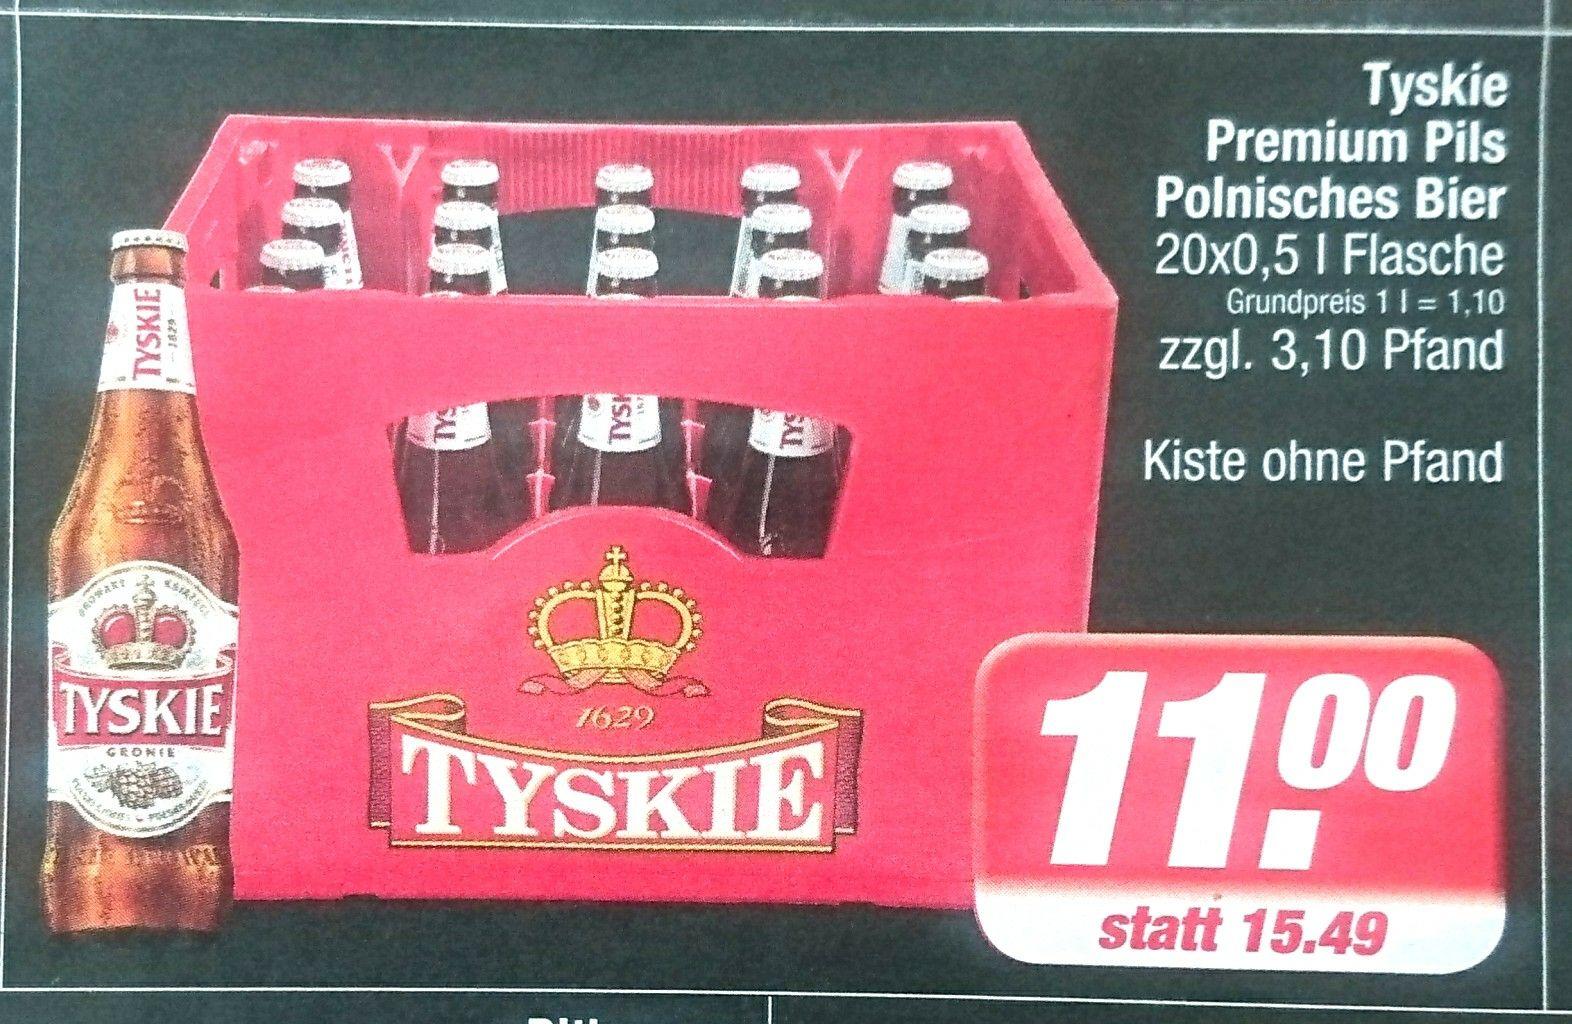 Tyskie Premium Pils bei Edeka 20 x 0,5l +  Pfand, Trikot noch erhältlich